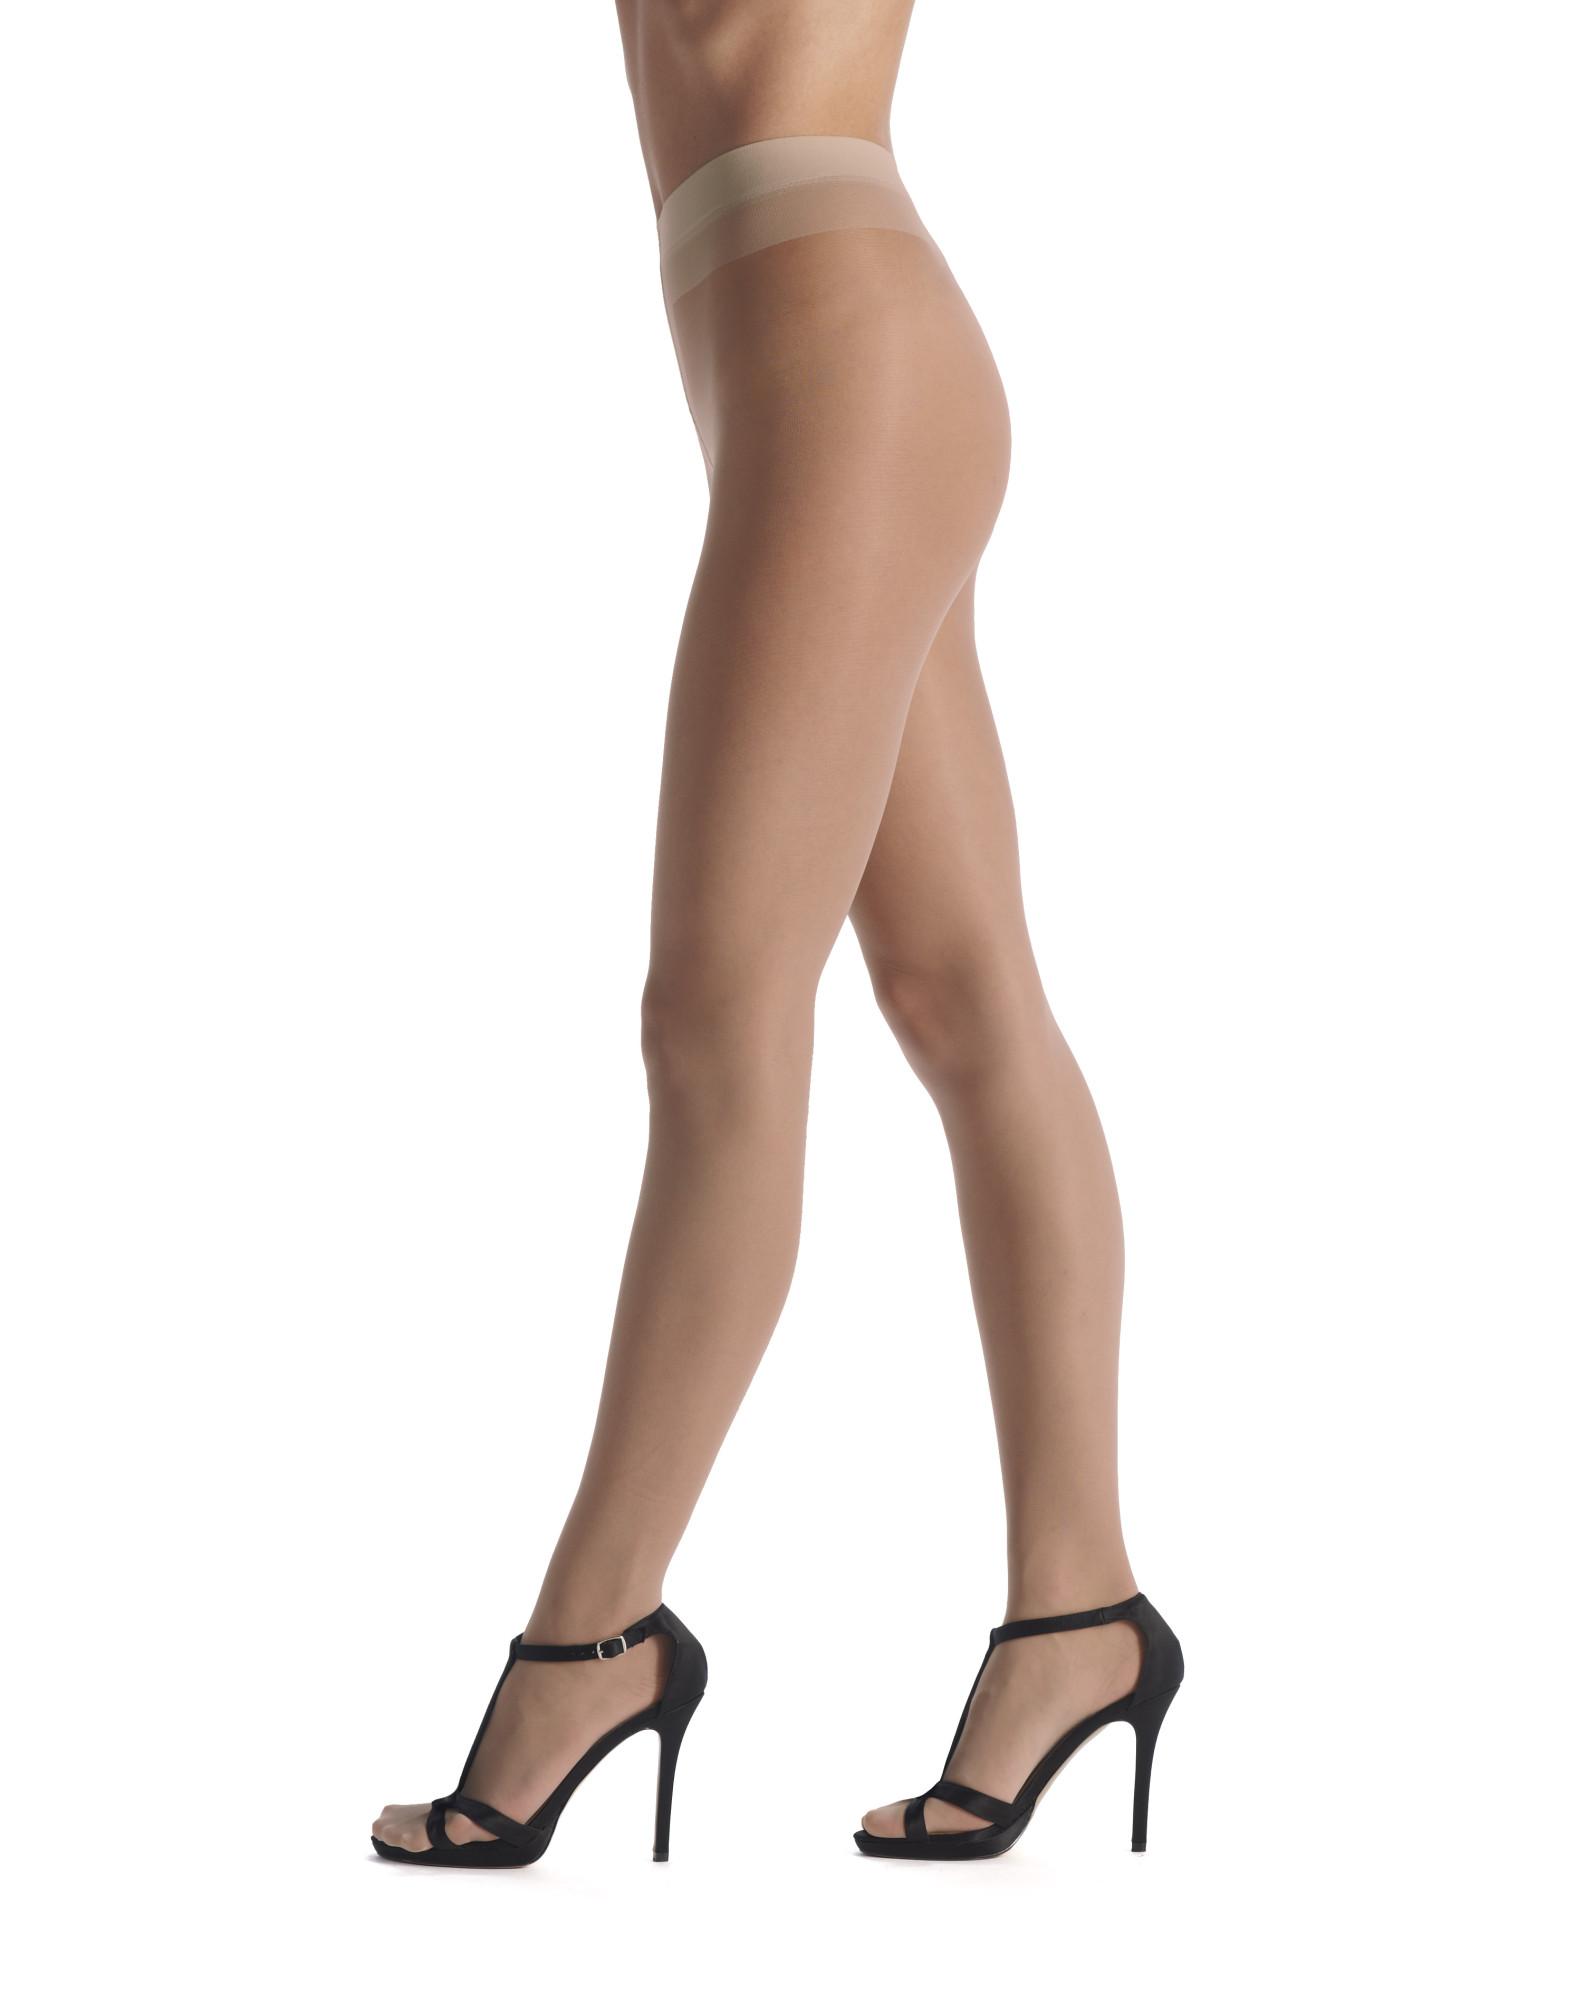 Punčochové kalhoty Sensuel 20 VOBC01099 nahá - Oroblu Velikost do filtru: L, Barva EM Lingerie: nahá (NUDE)